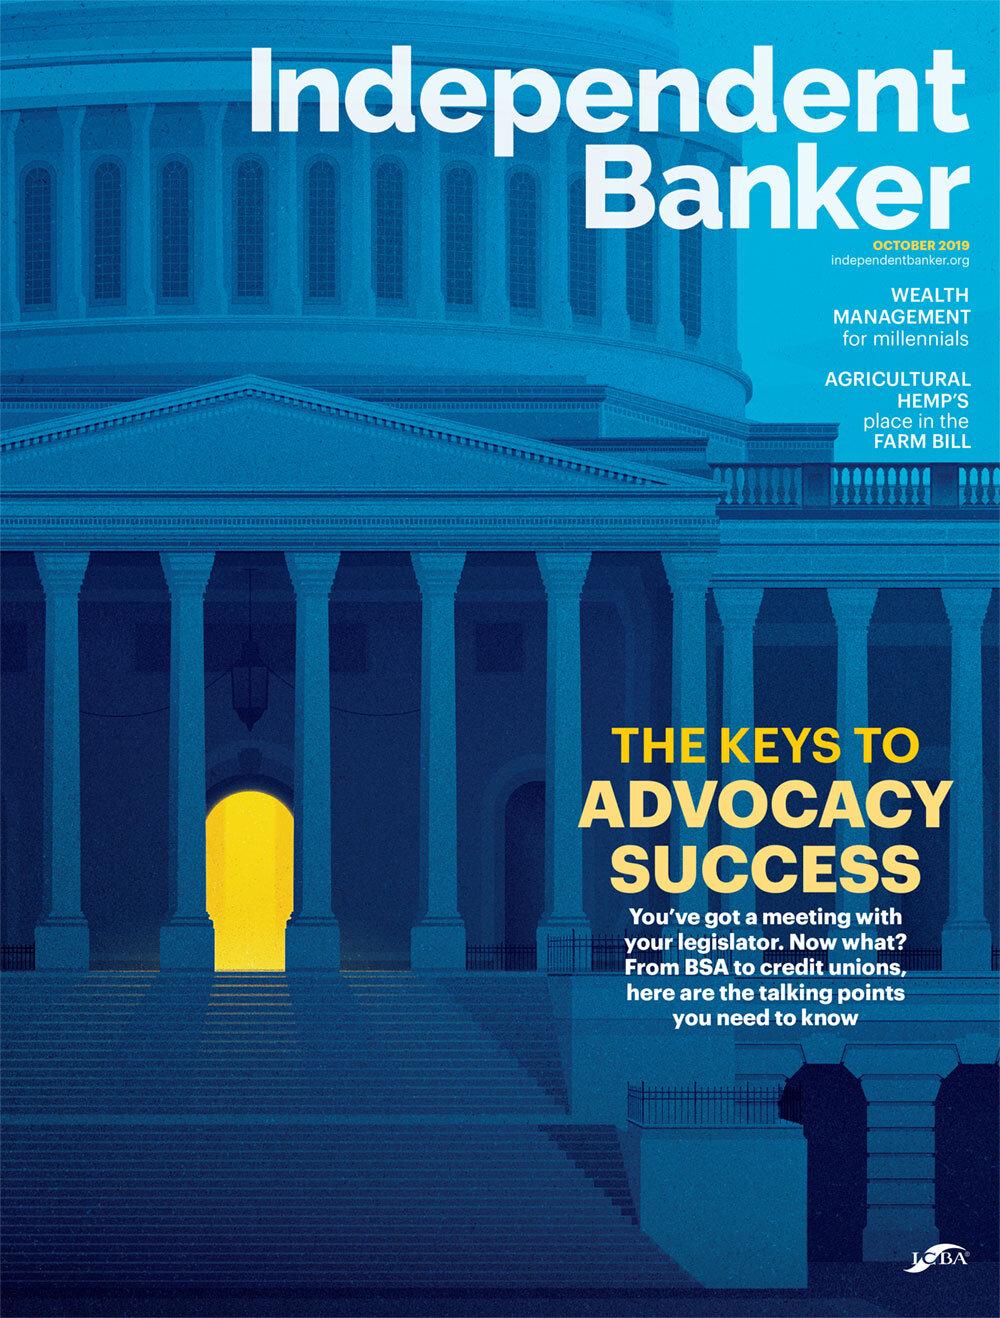 indepedent-banker-cover.jpg